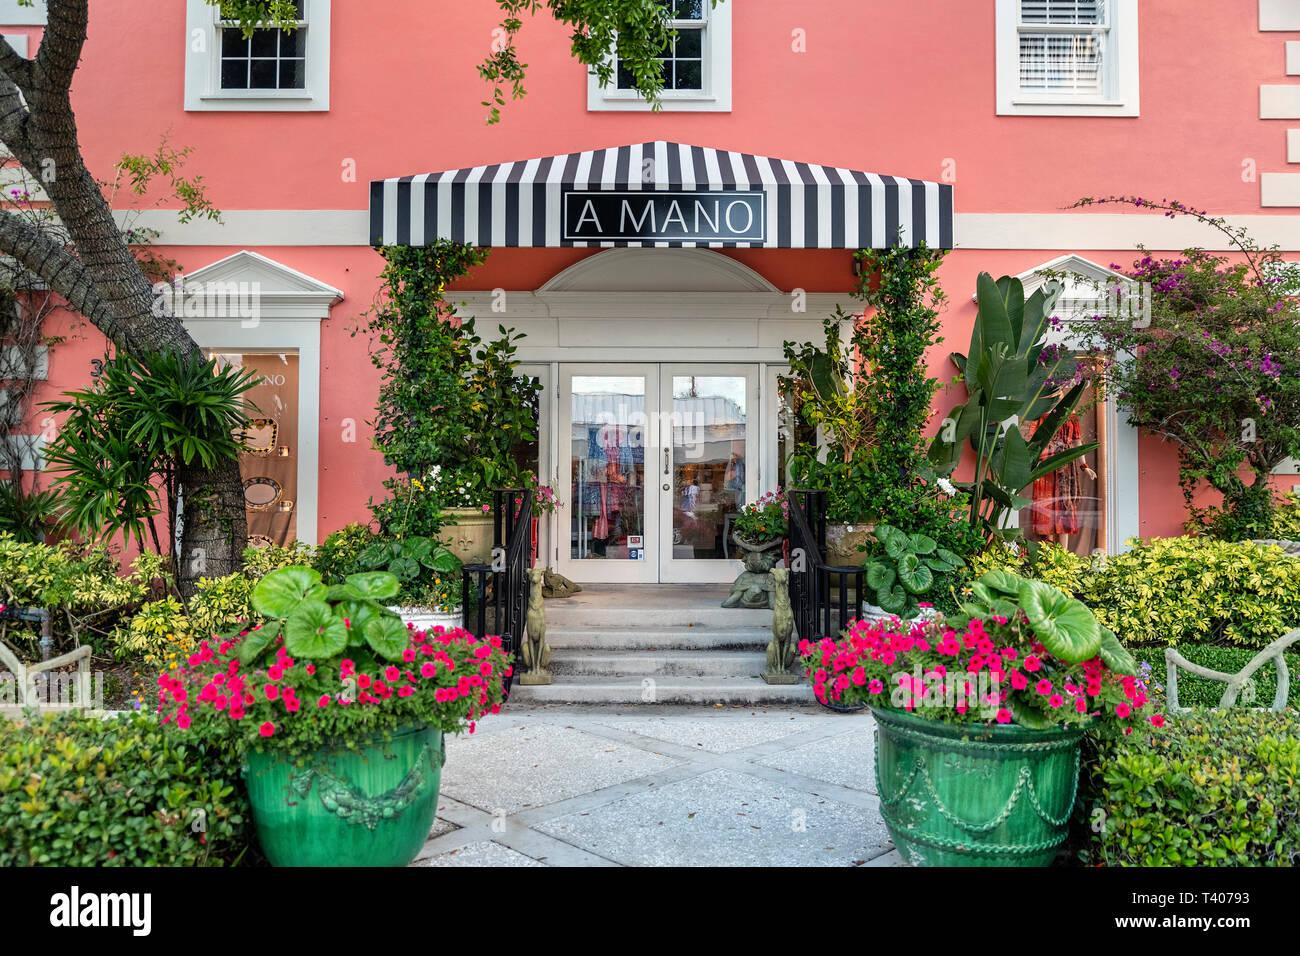 A Mano de lujo en la tienda de regalos, Naples, Florida, EE.UU.. Imagen De Stock